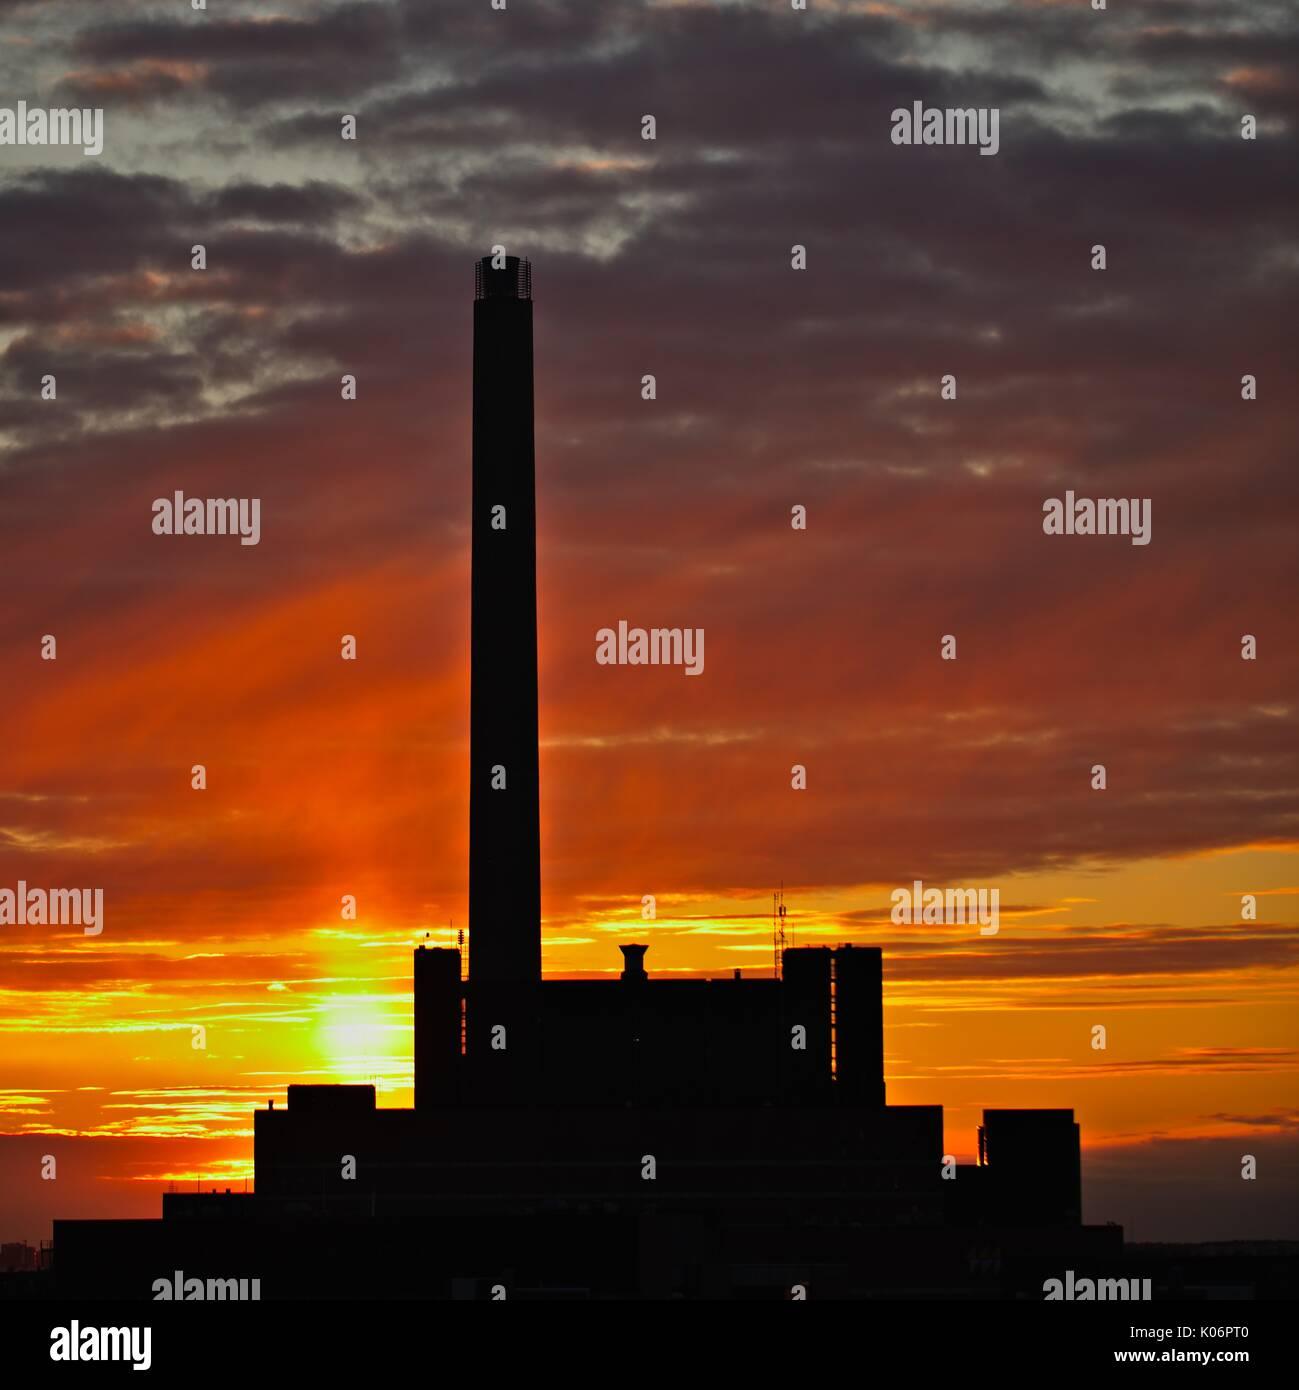 helen-oy-helsinki-at-sunset-K06PT0.jpg